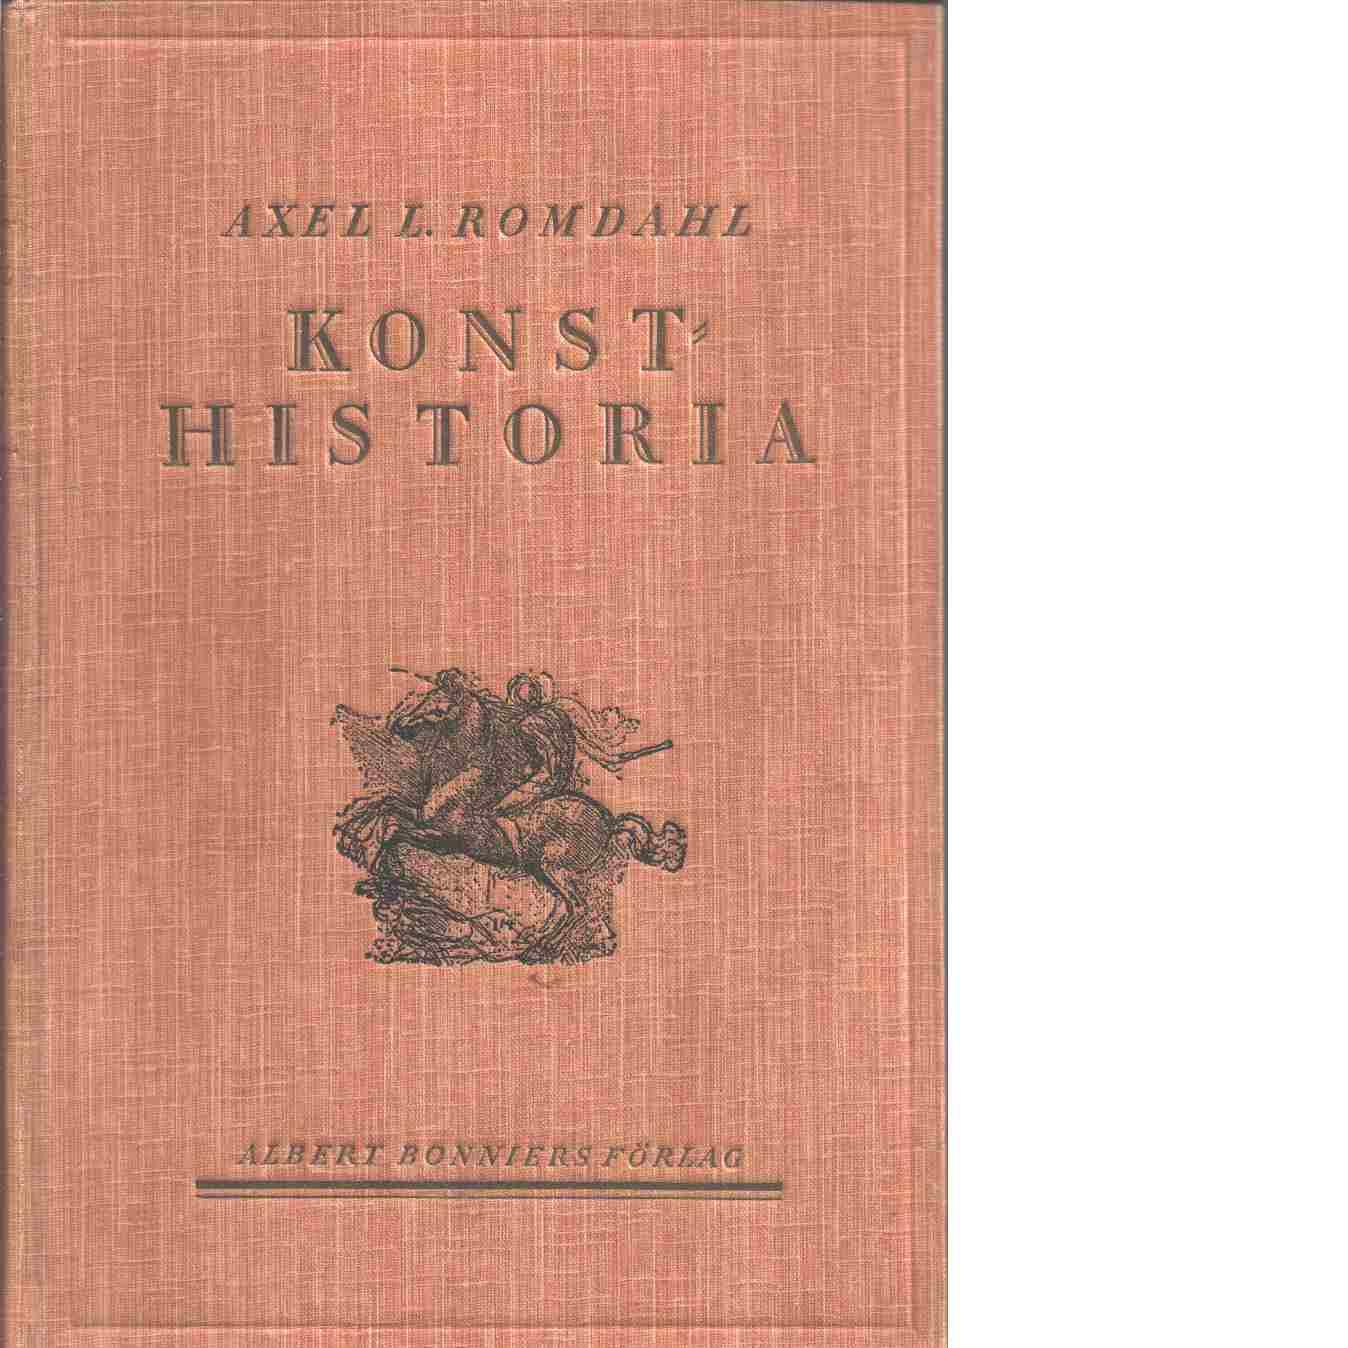 Konsthistoria : i skildringar och översikter - Romdahl, Axel L.